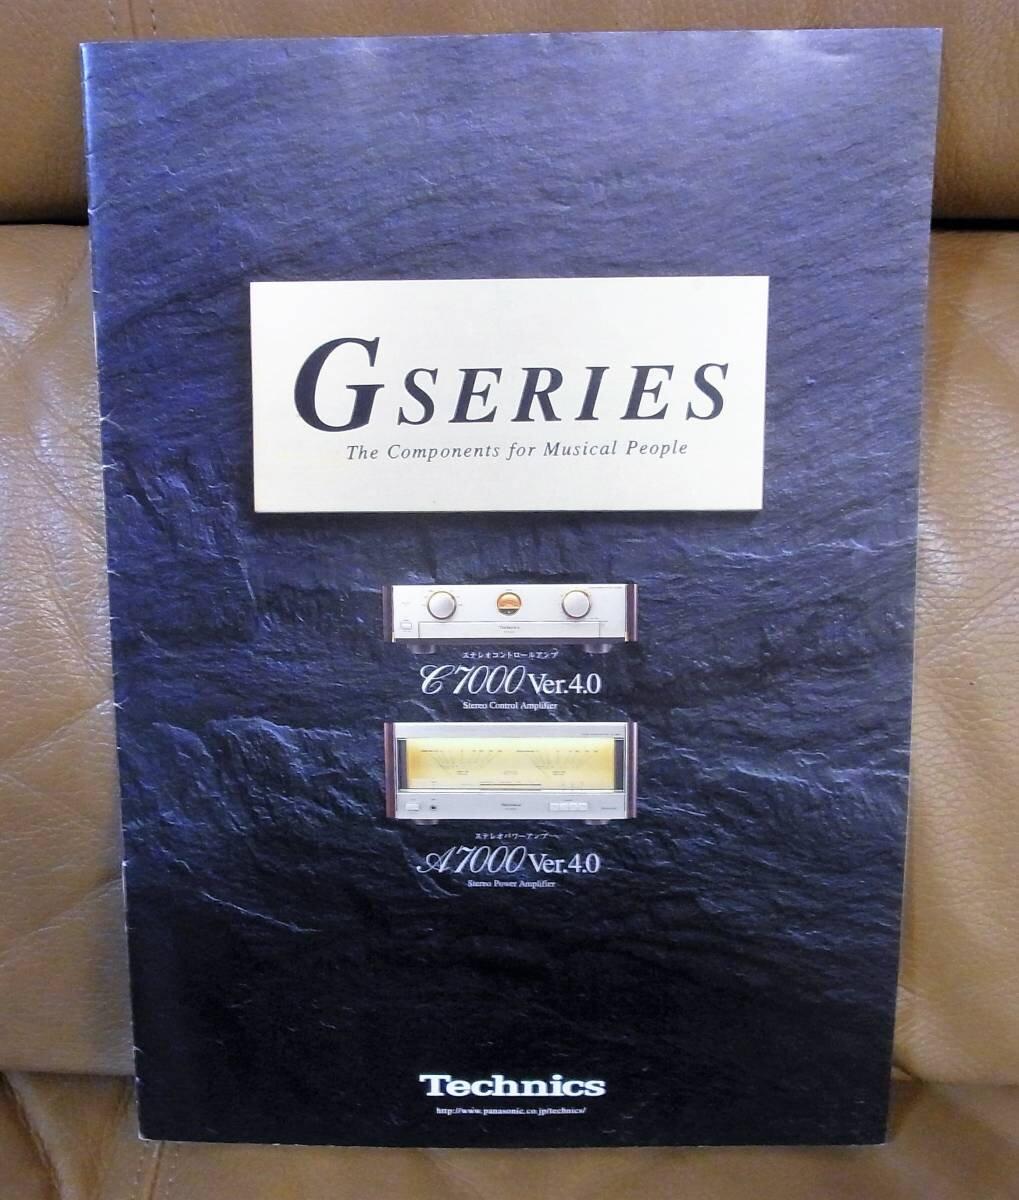 Technics G-Series v7000